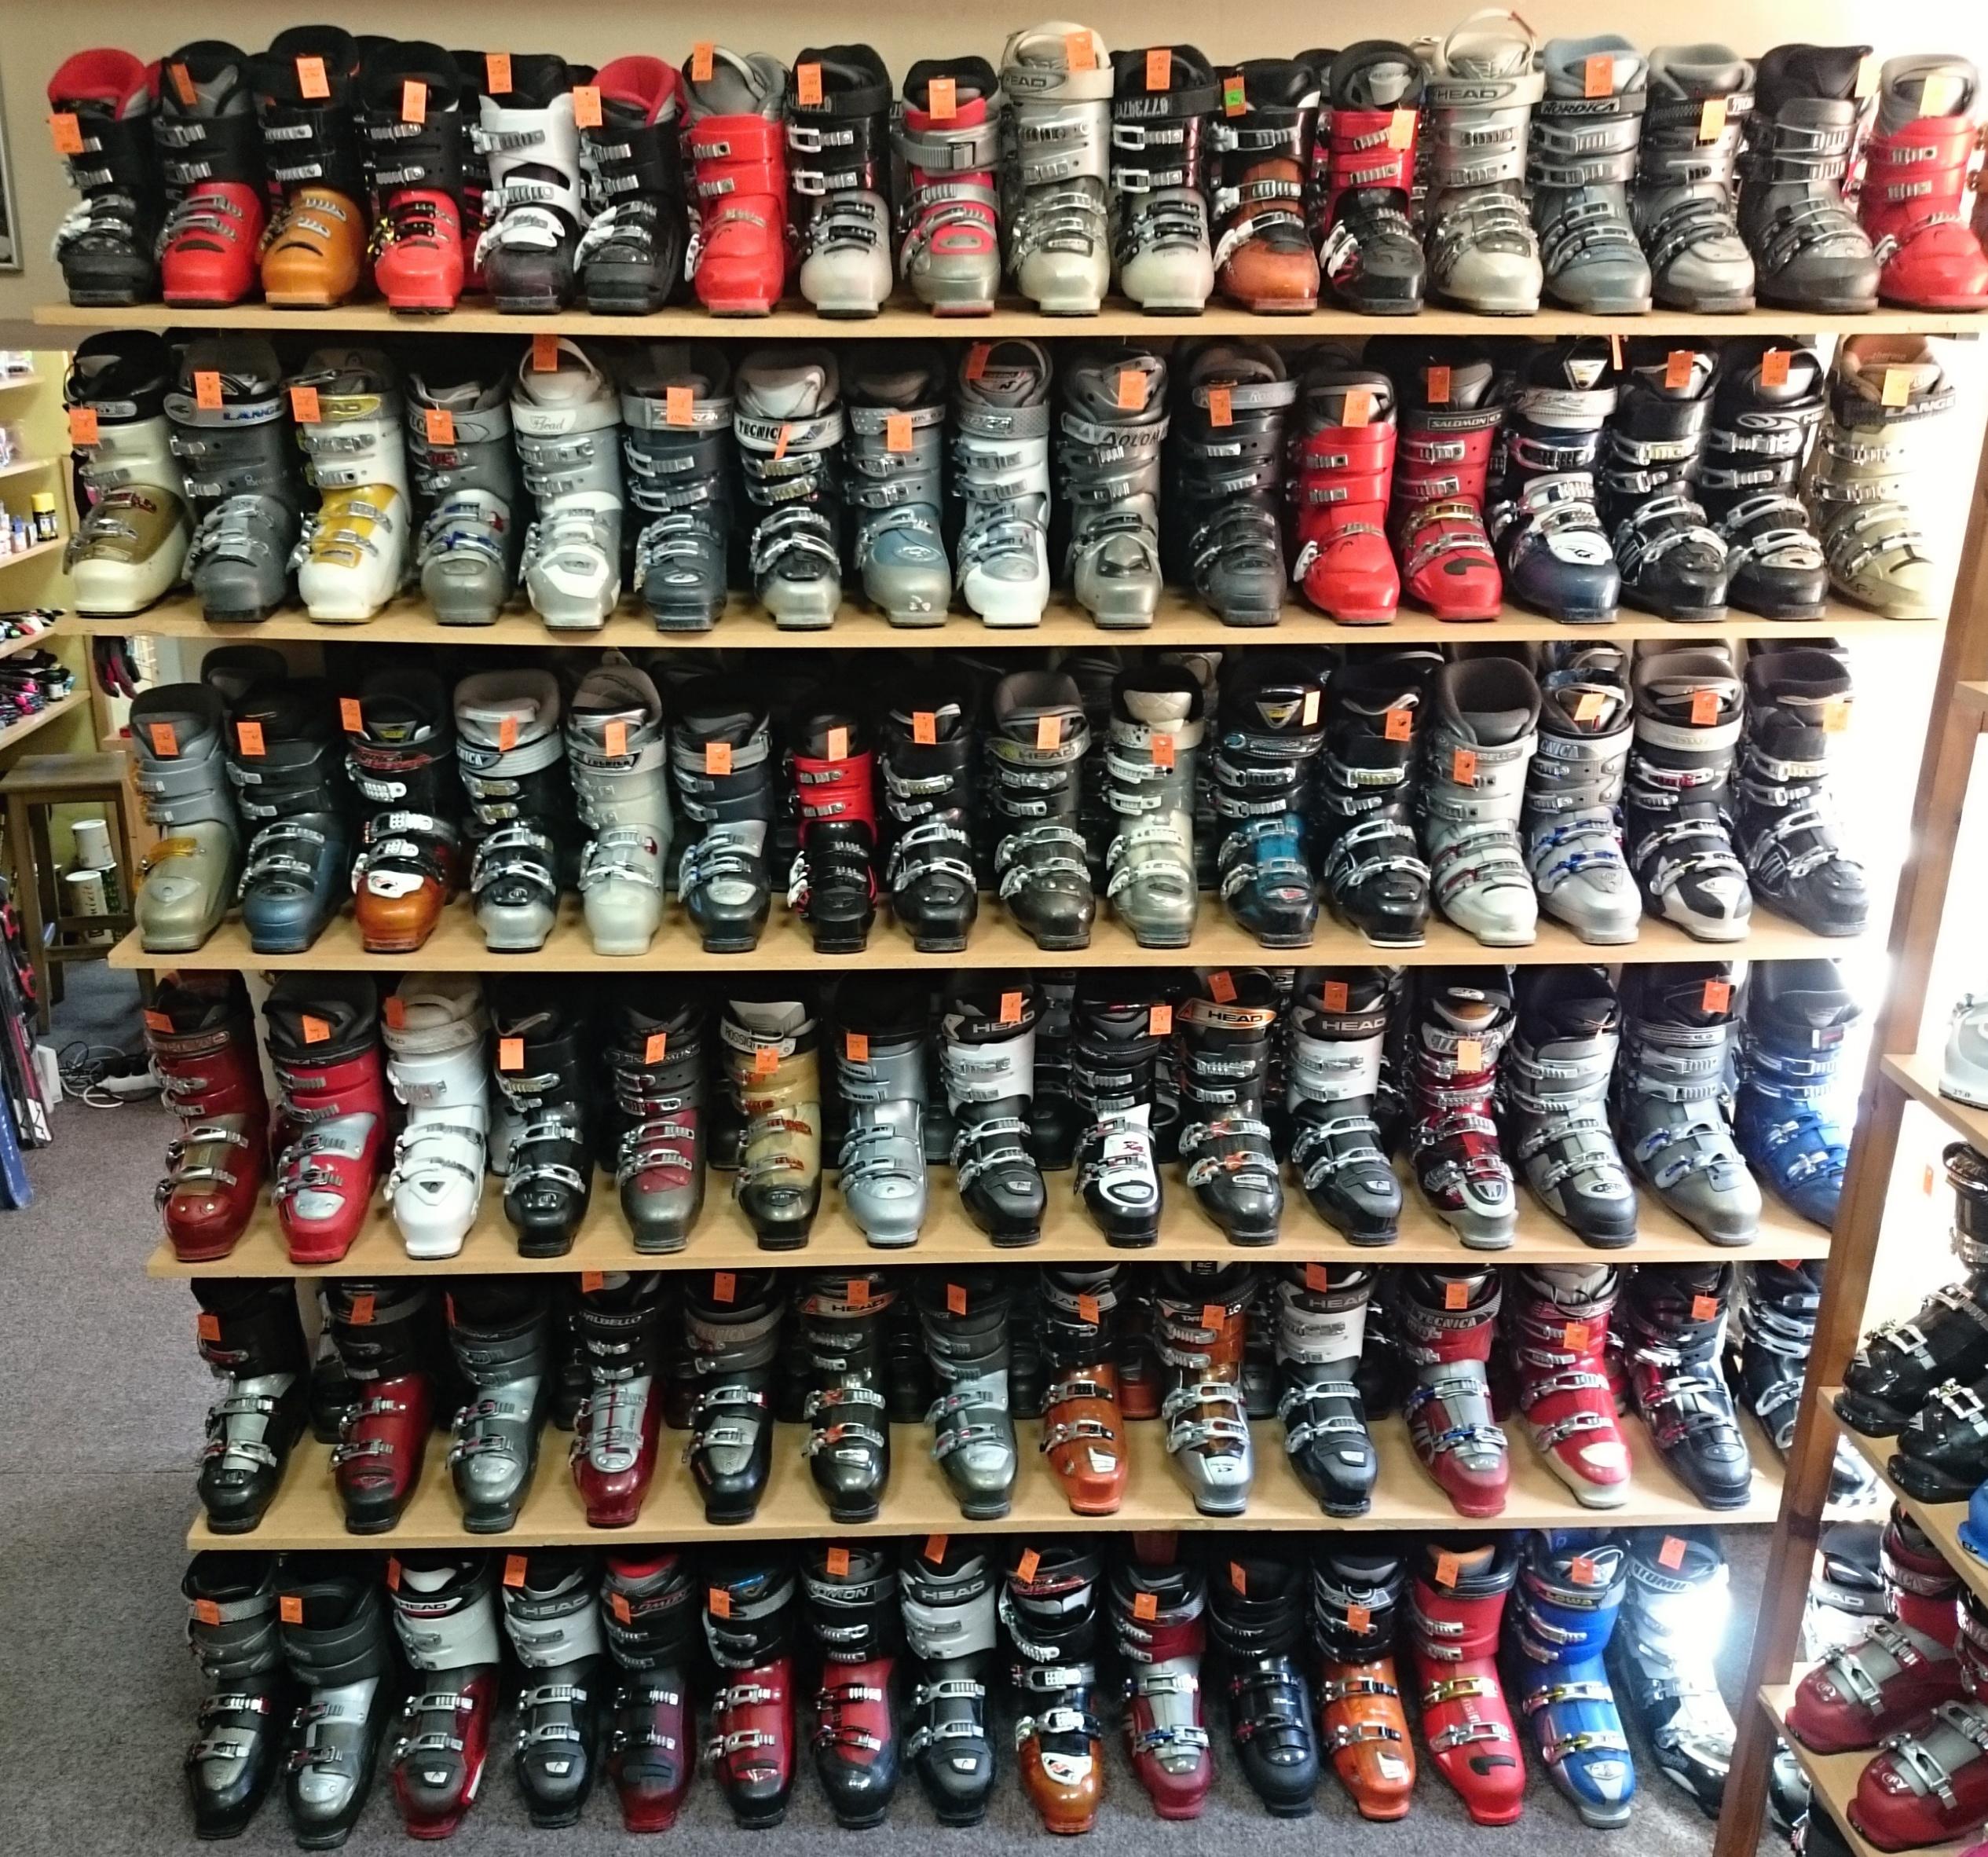 boty bazarové dospělácké